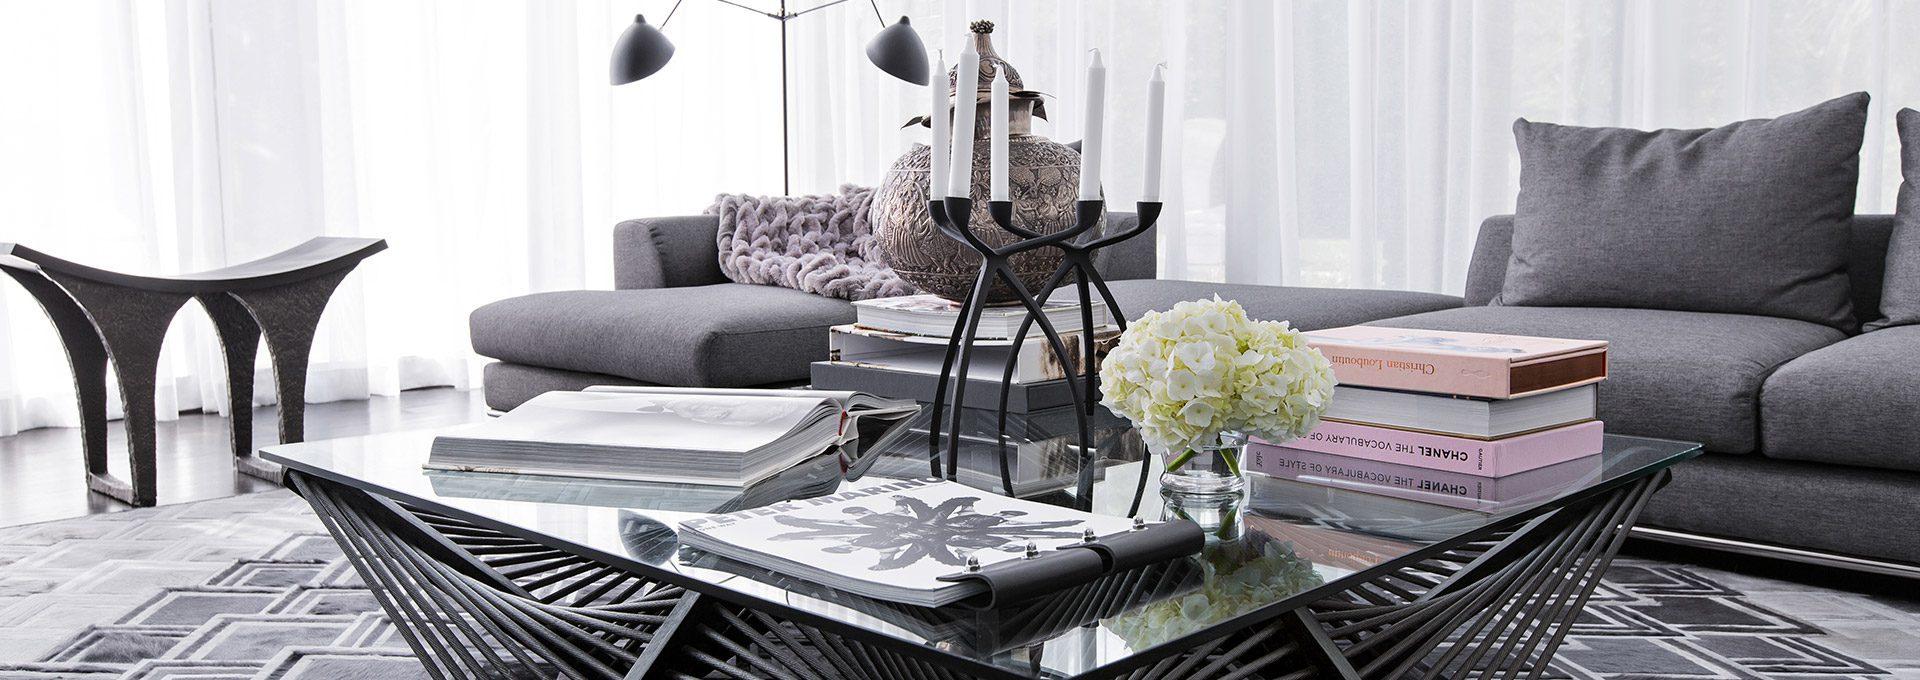 studio contour interior design